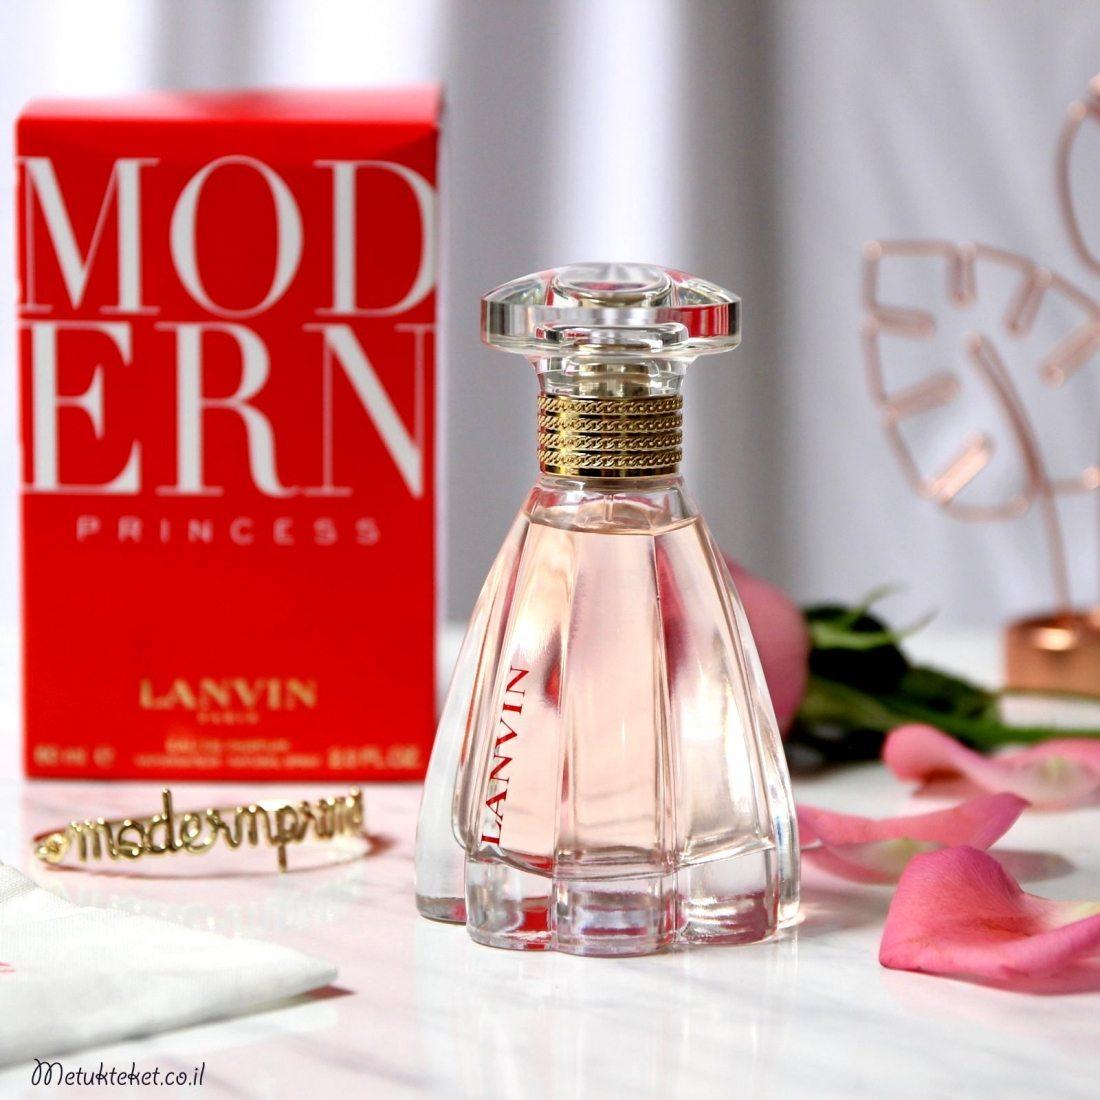 בושם לנוון, Lanvin Modern Princess